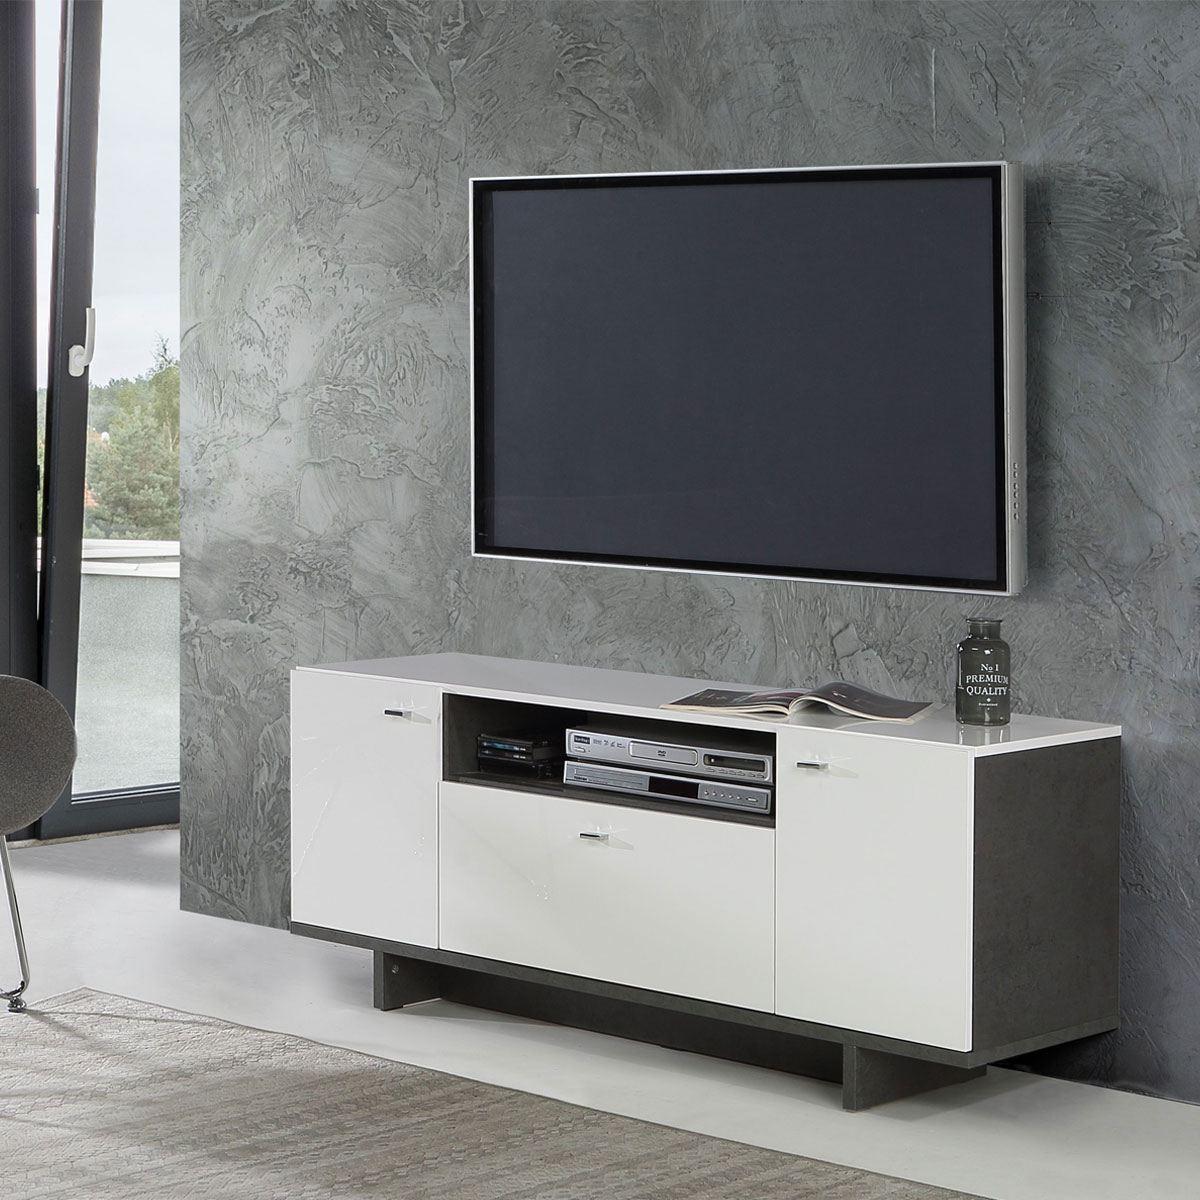 forte modernes zweit riges lowboard in betonoptik wei. Black Bedroom Furniture Sets. Home Design Ideas